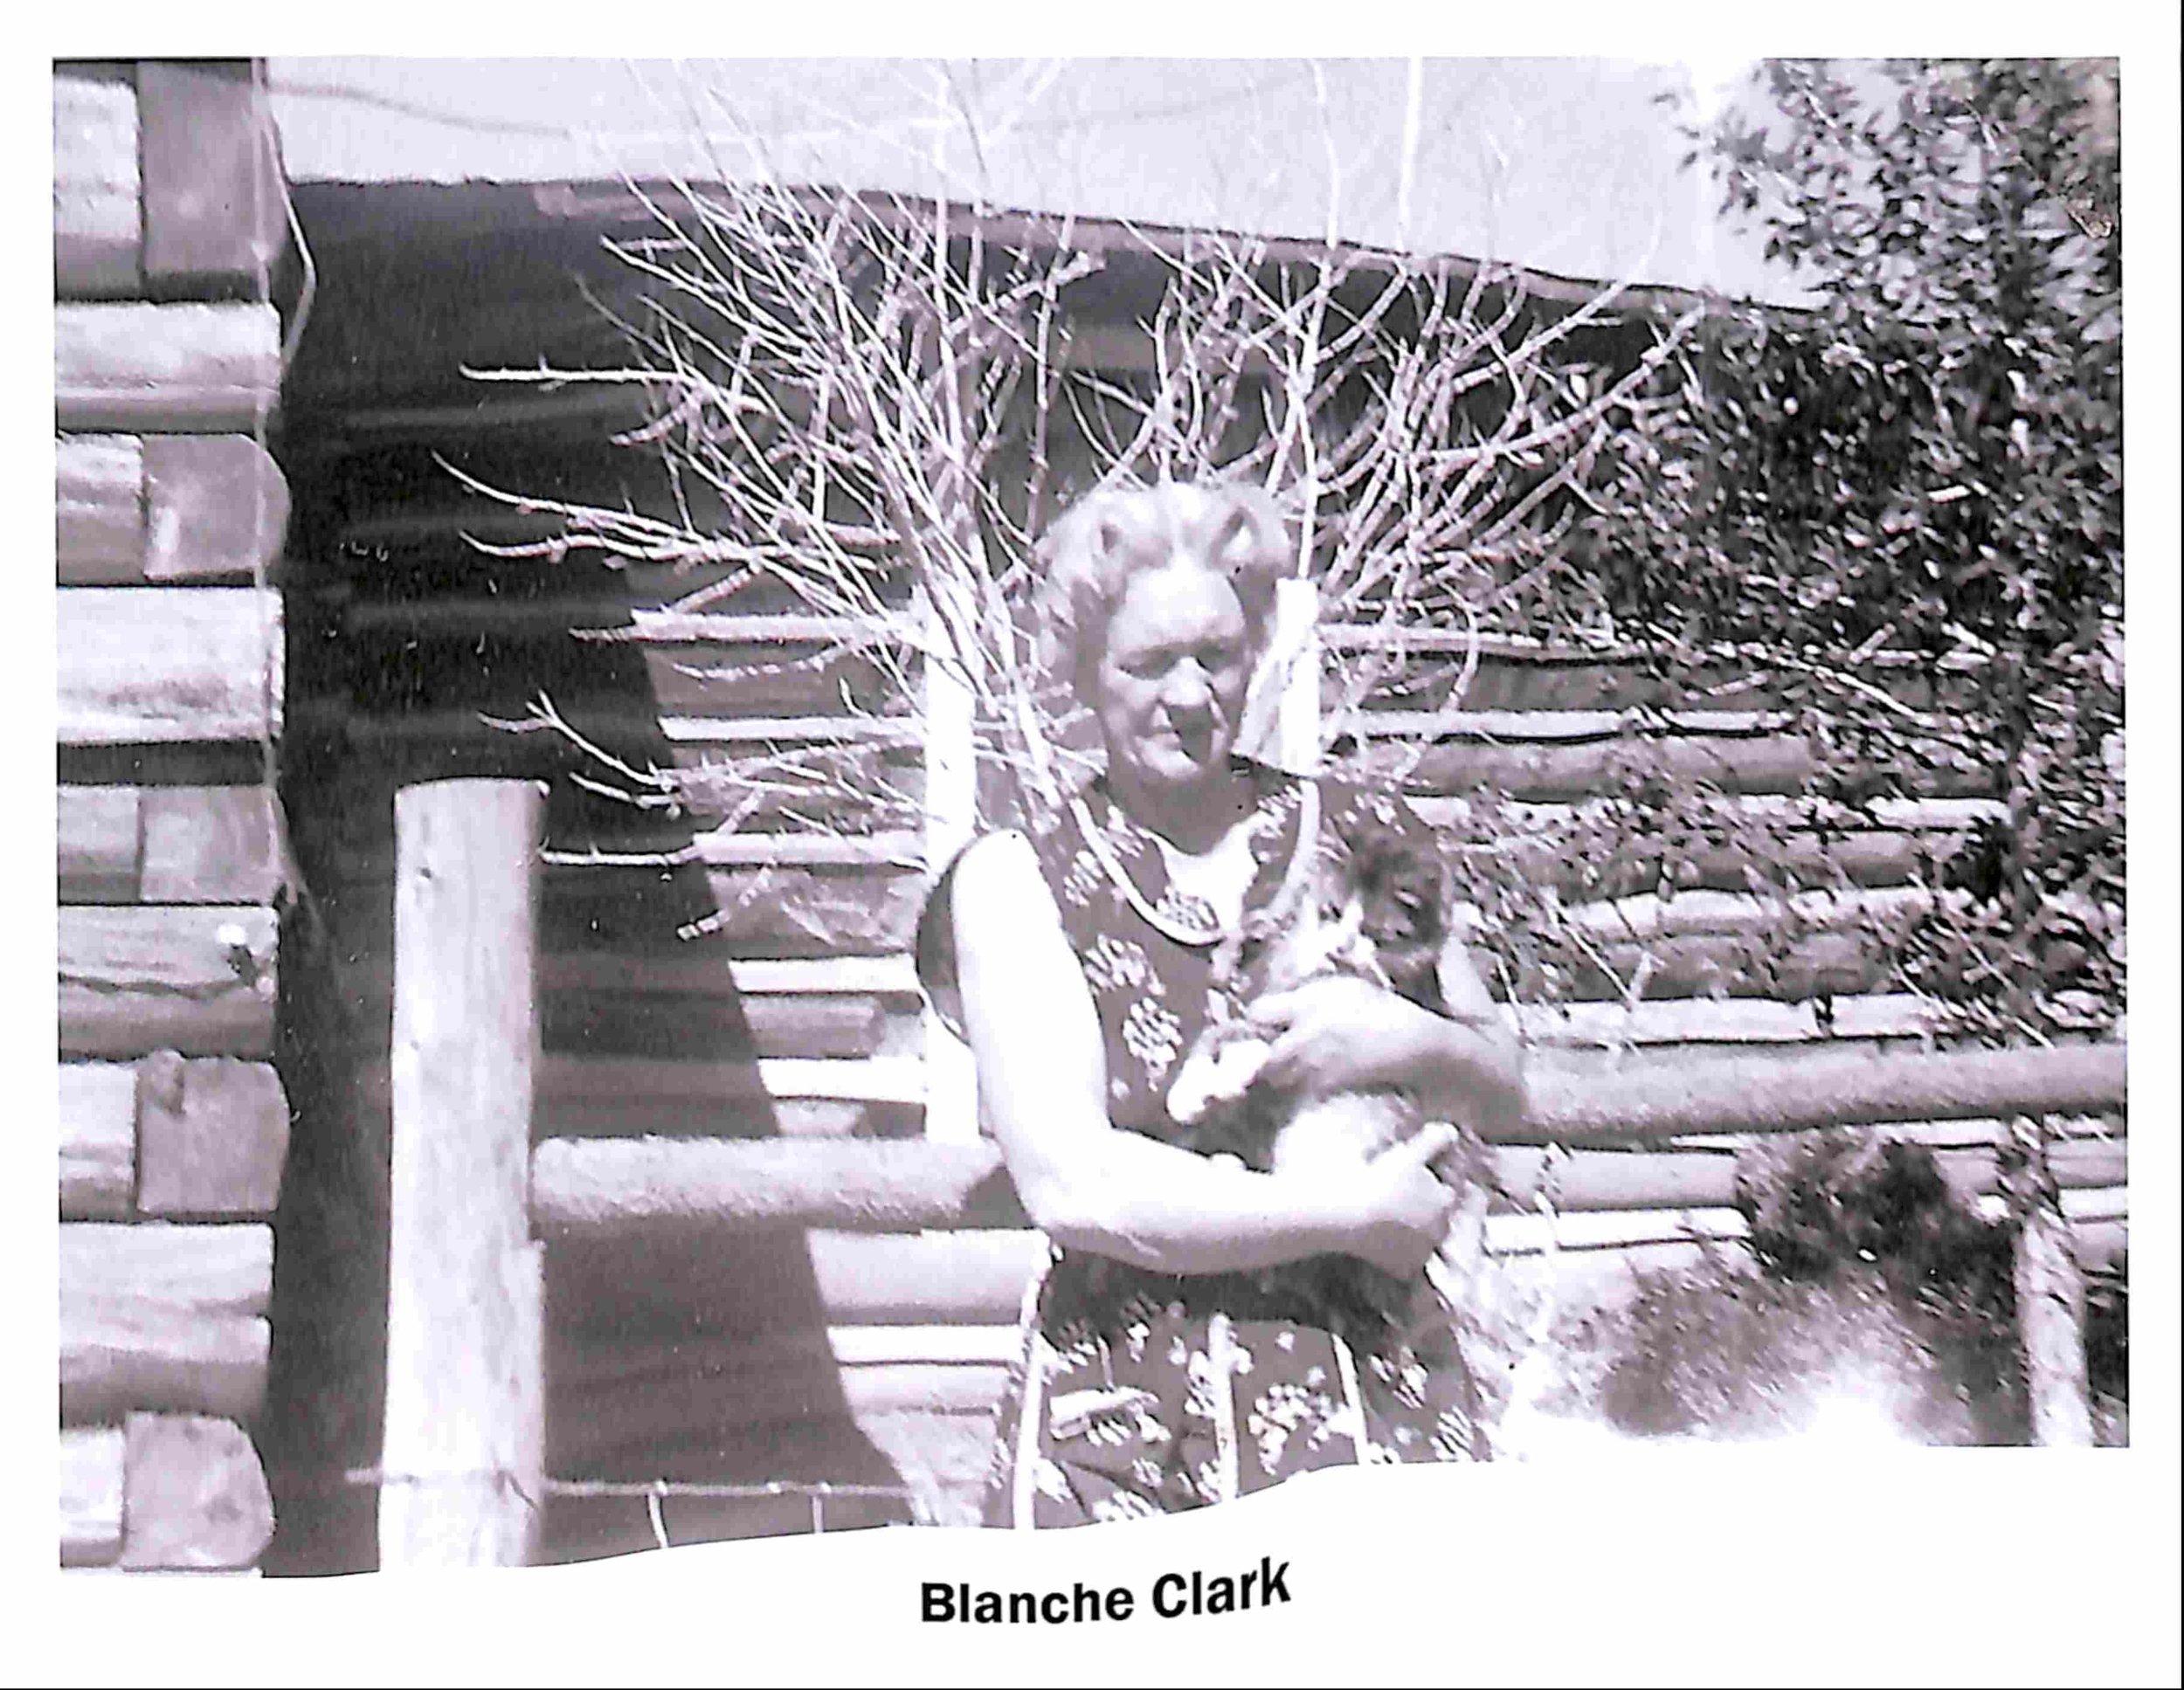 Blanch Clark